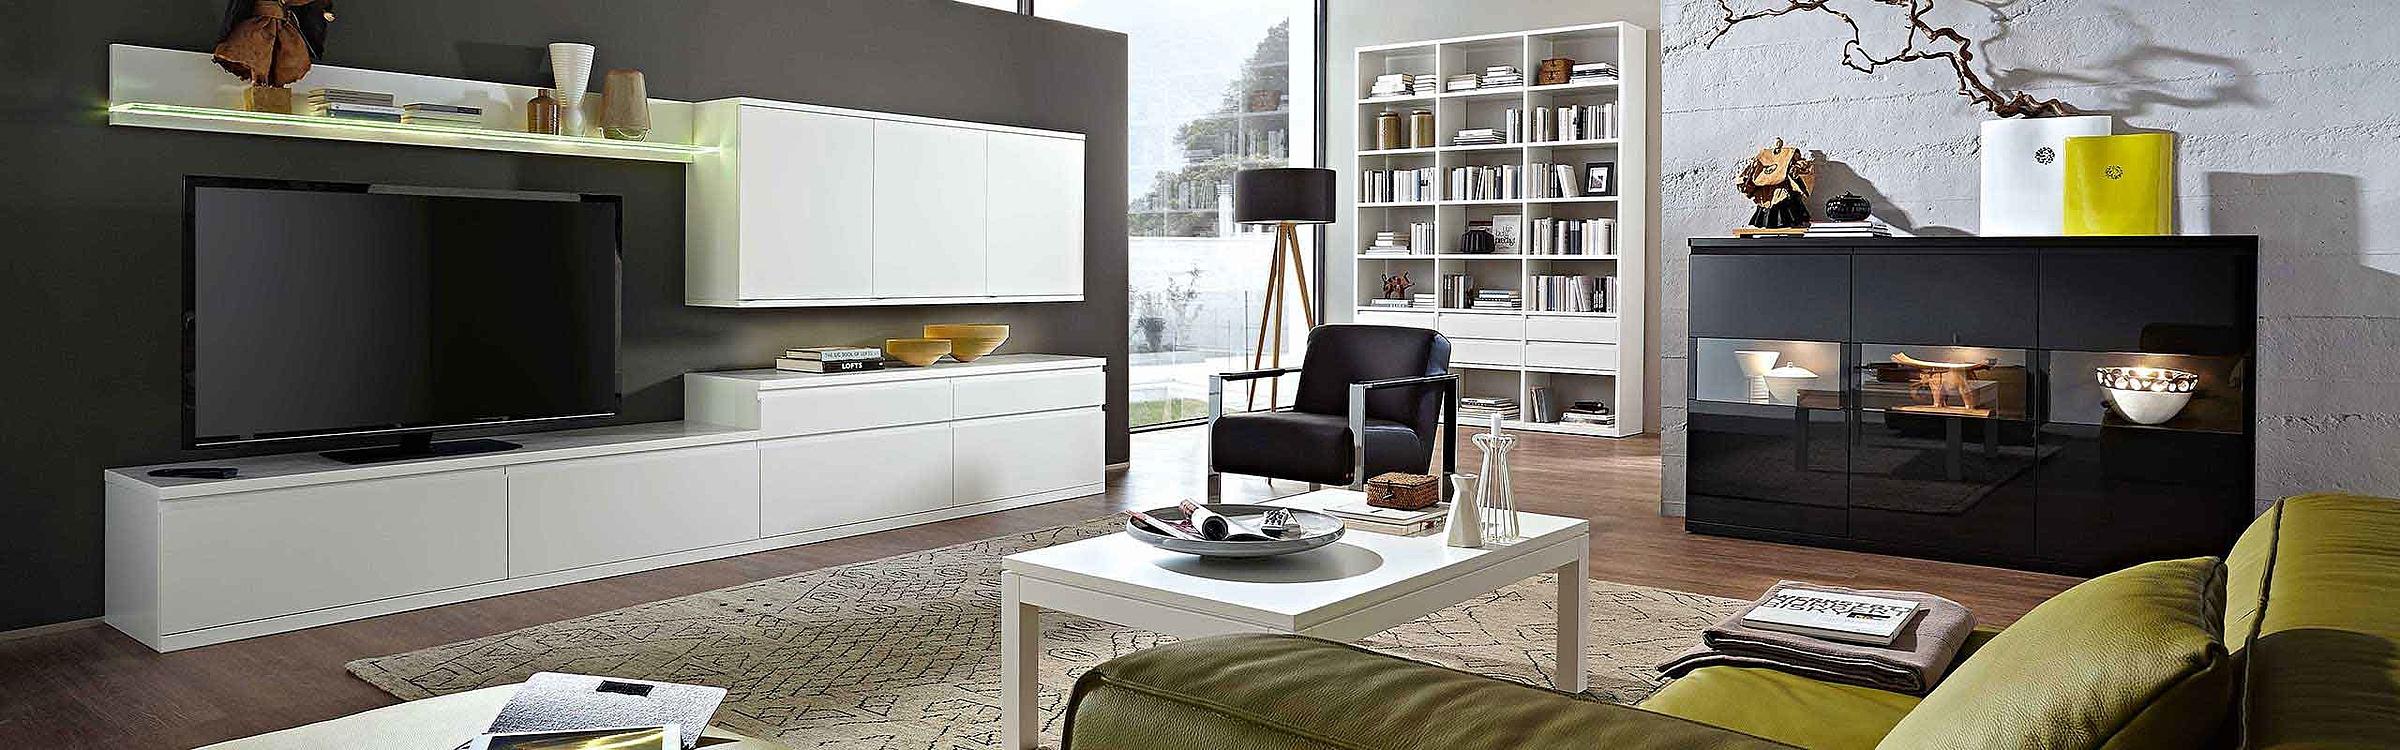 Wohnwand Regal Couchtisch Sideboard Wohnzimmer Enjoy Lack weiß schwarz